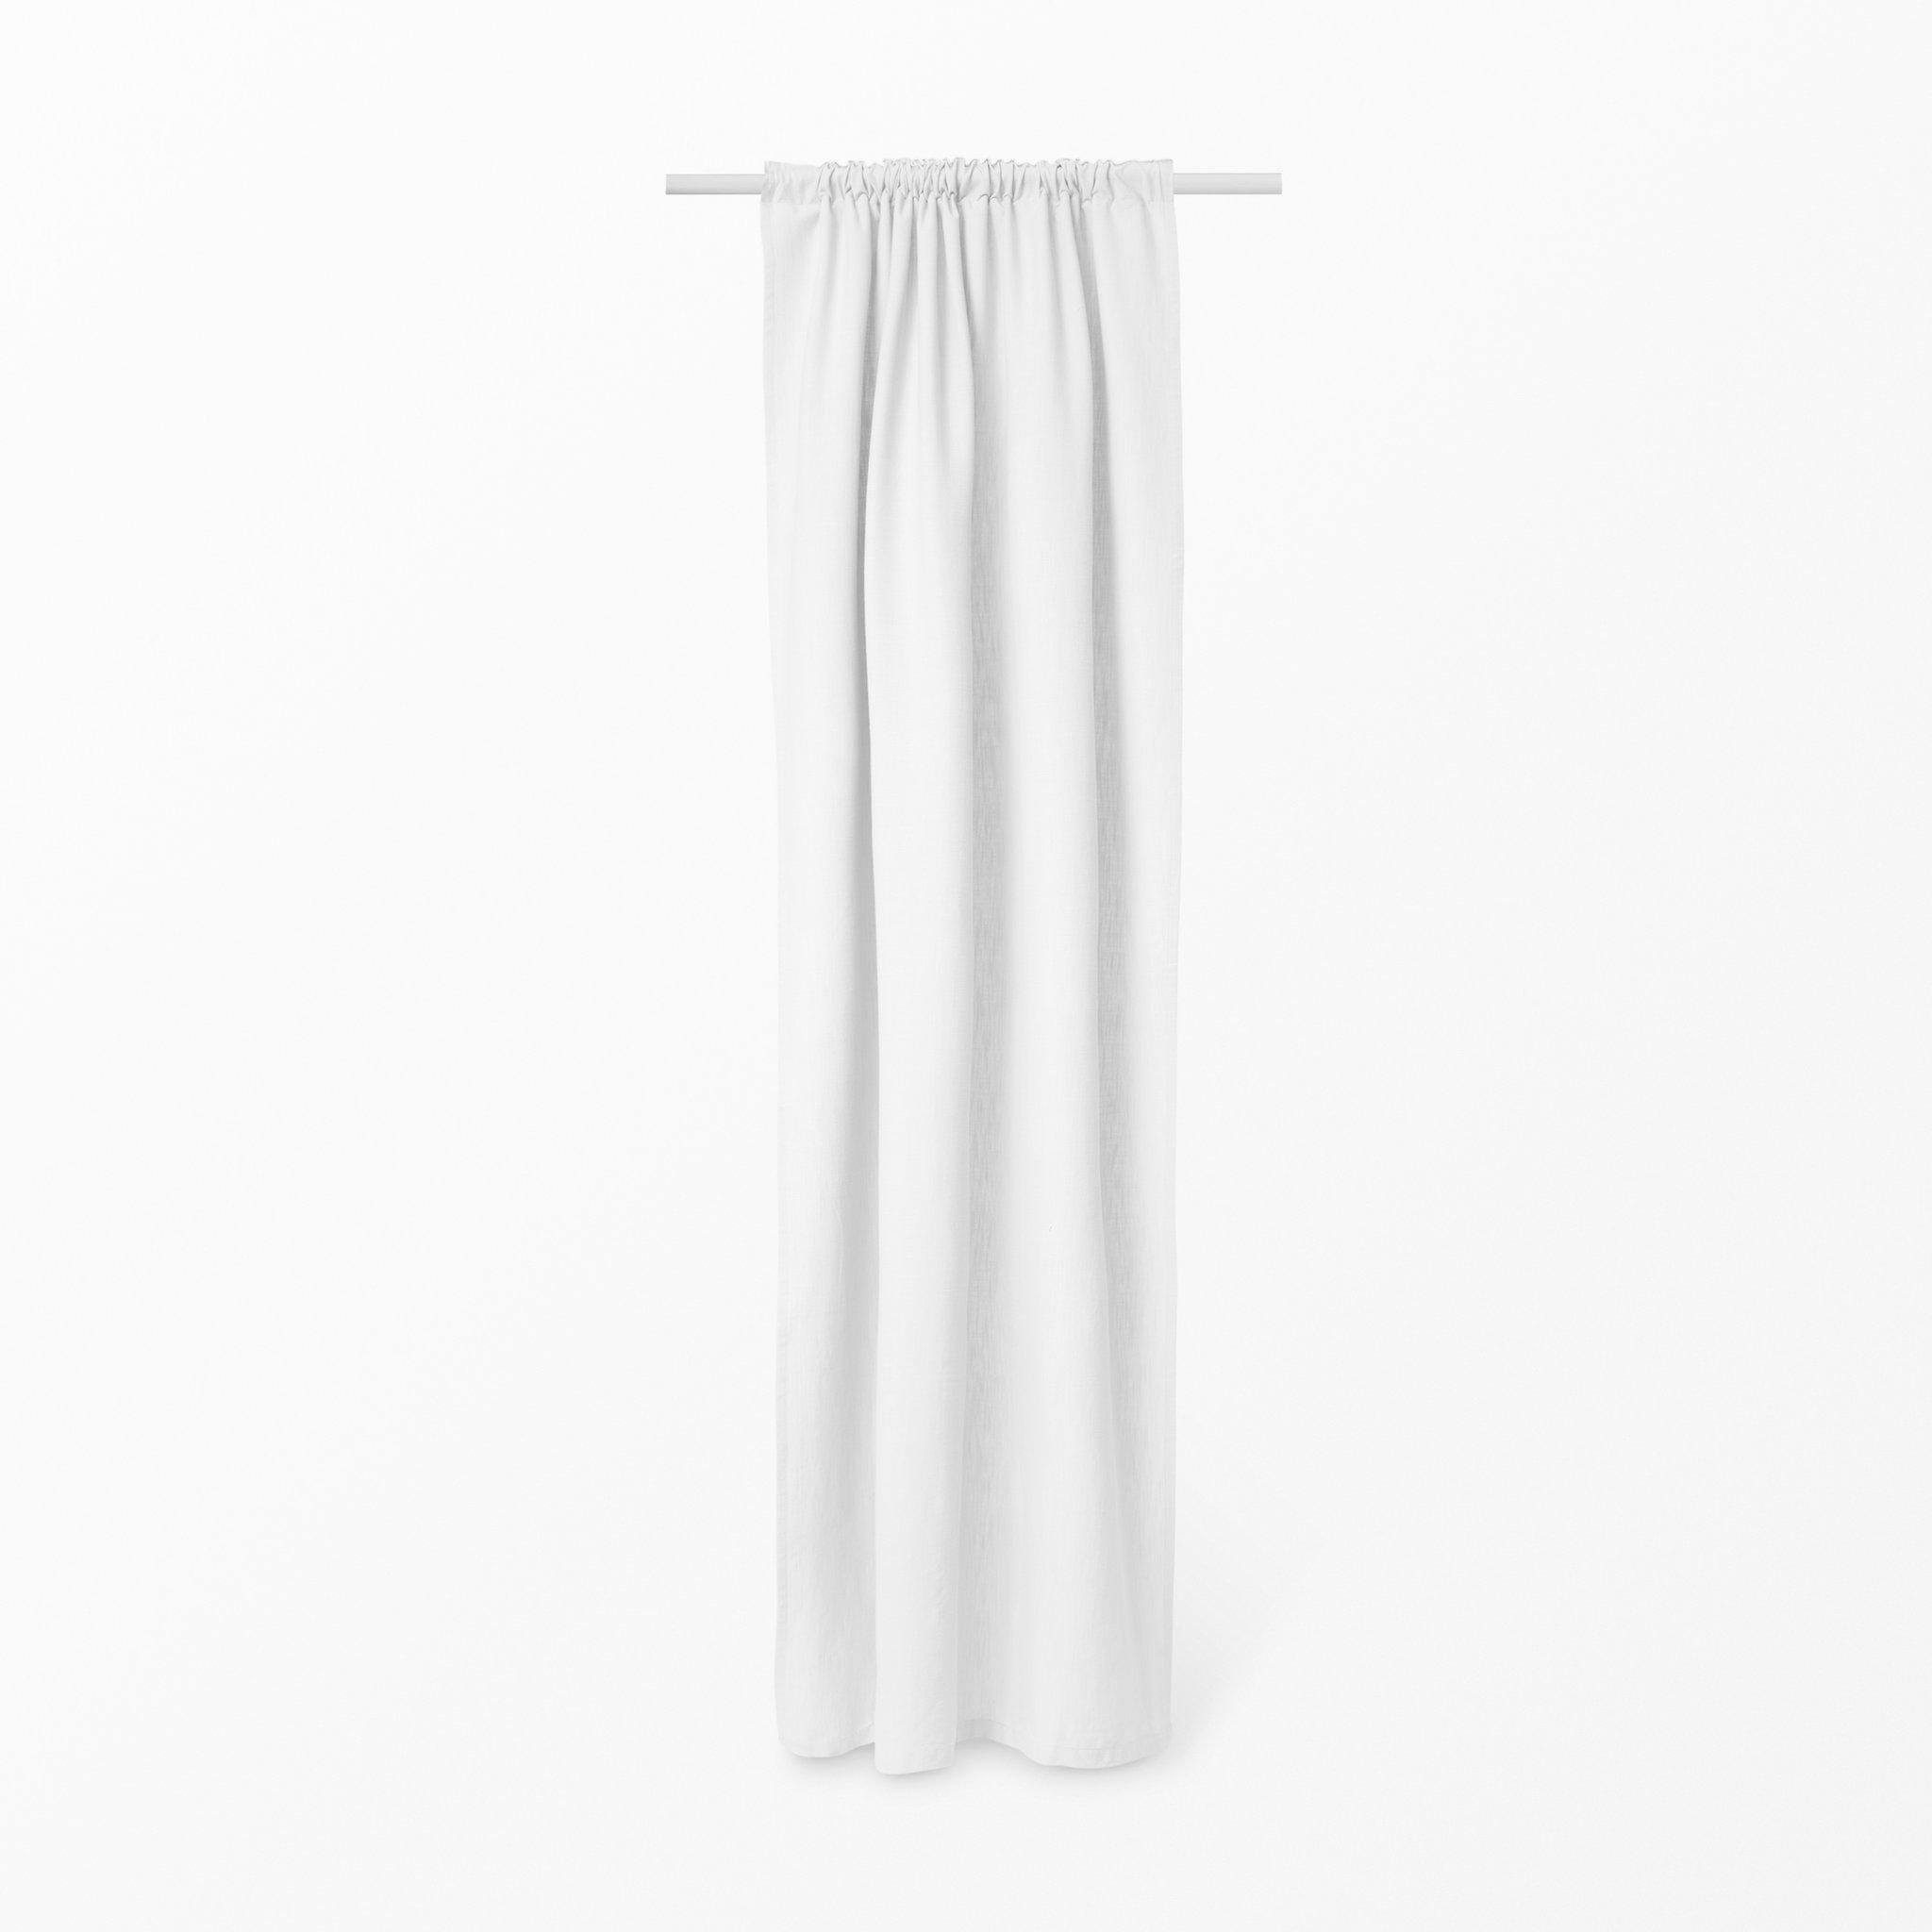 Gardiner - Textil - Köp online på åhlens.se!